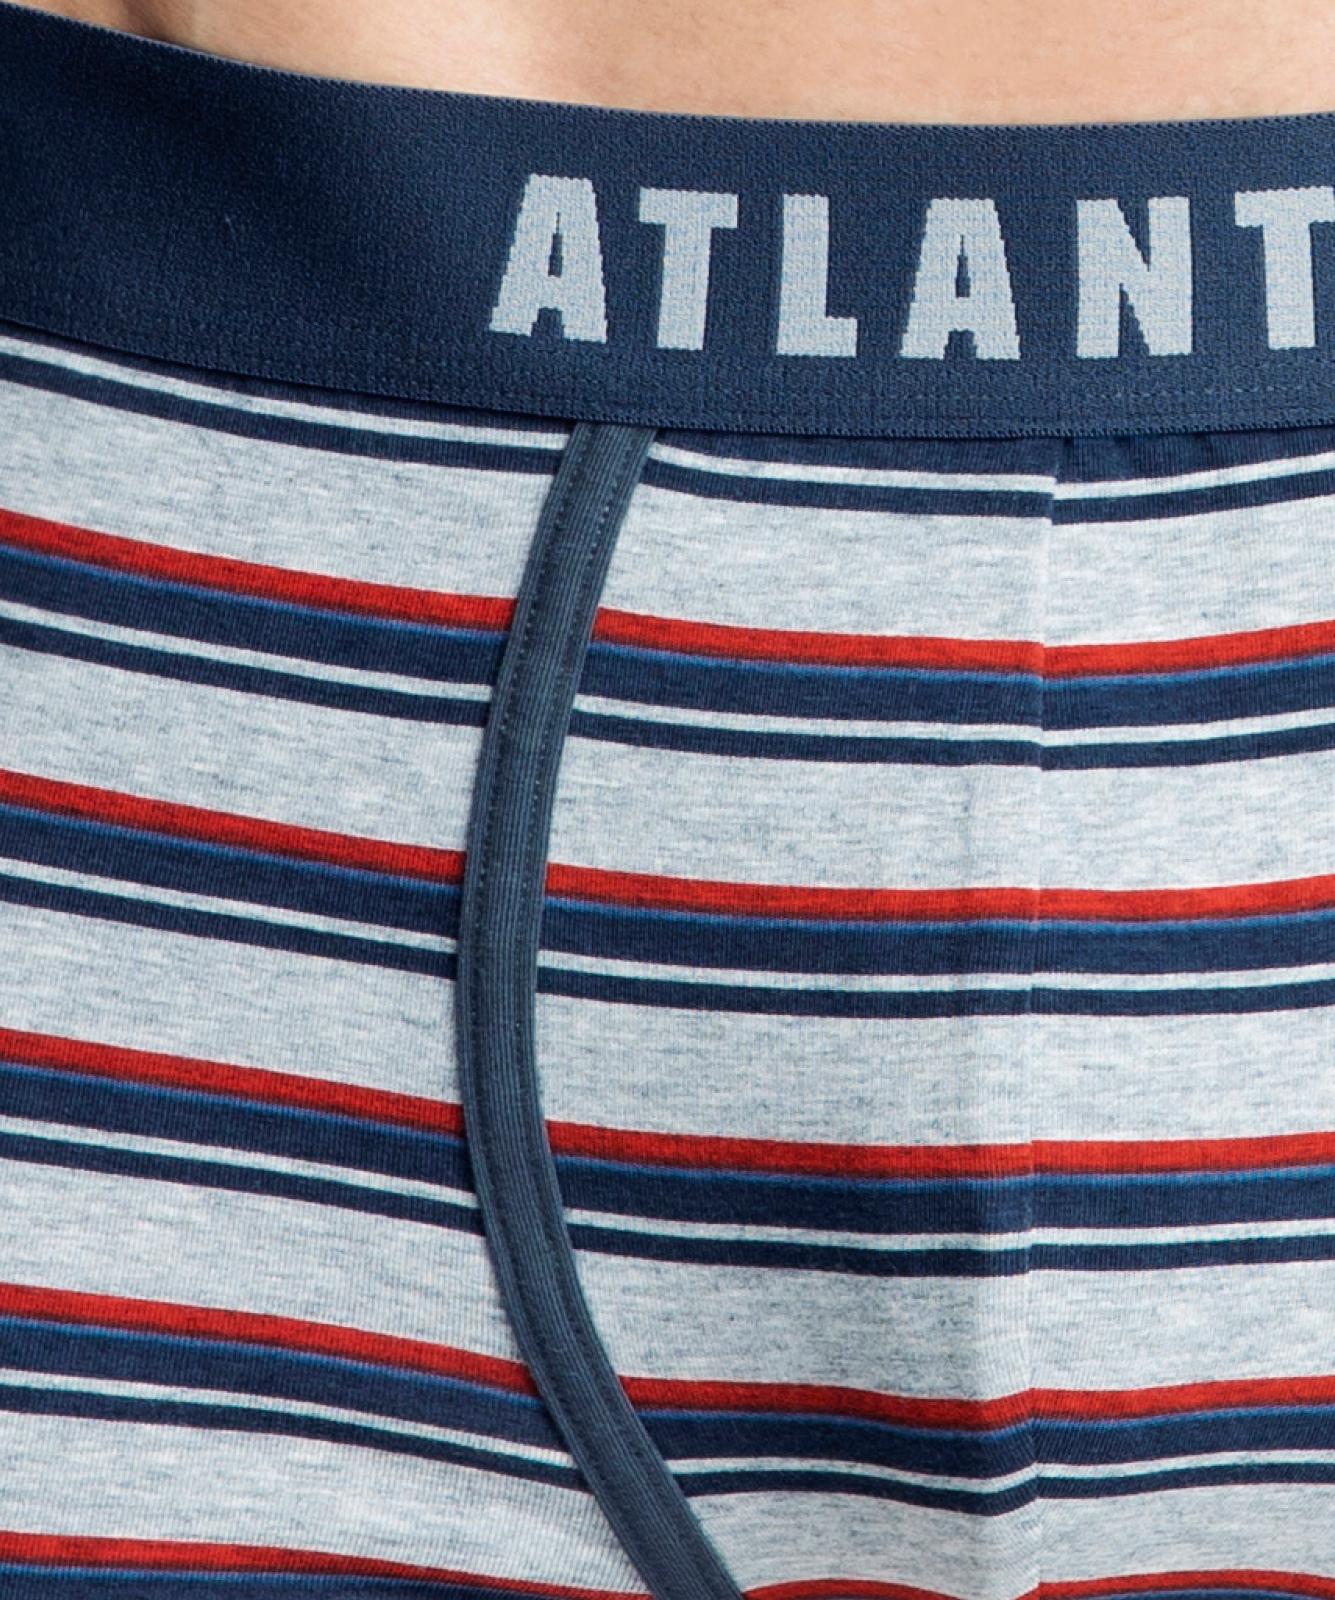 Мужские трусы шорты Atlantic, набор из 2 шт., хлопок, серый меланж + синие, 2MH-1184